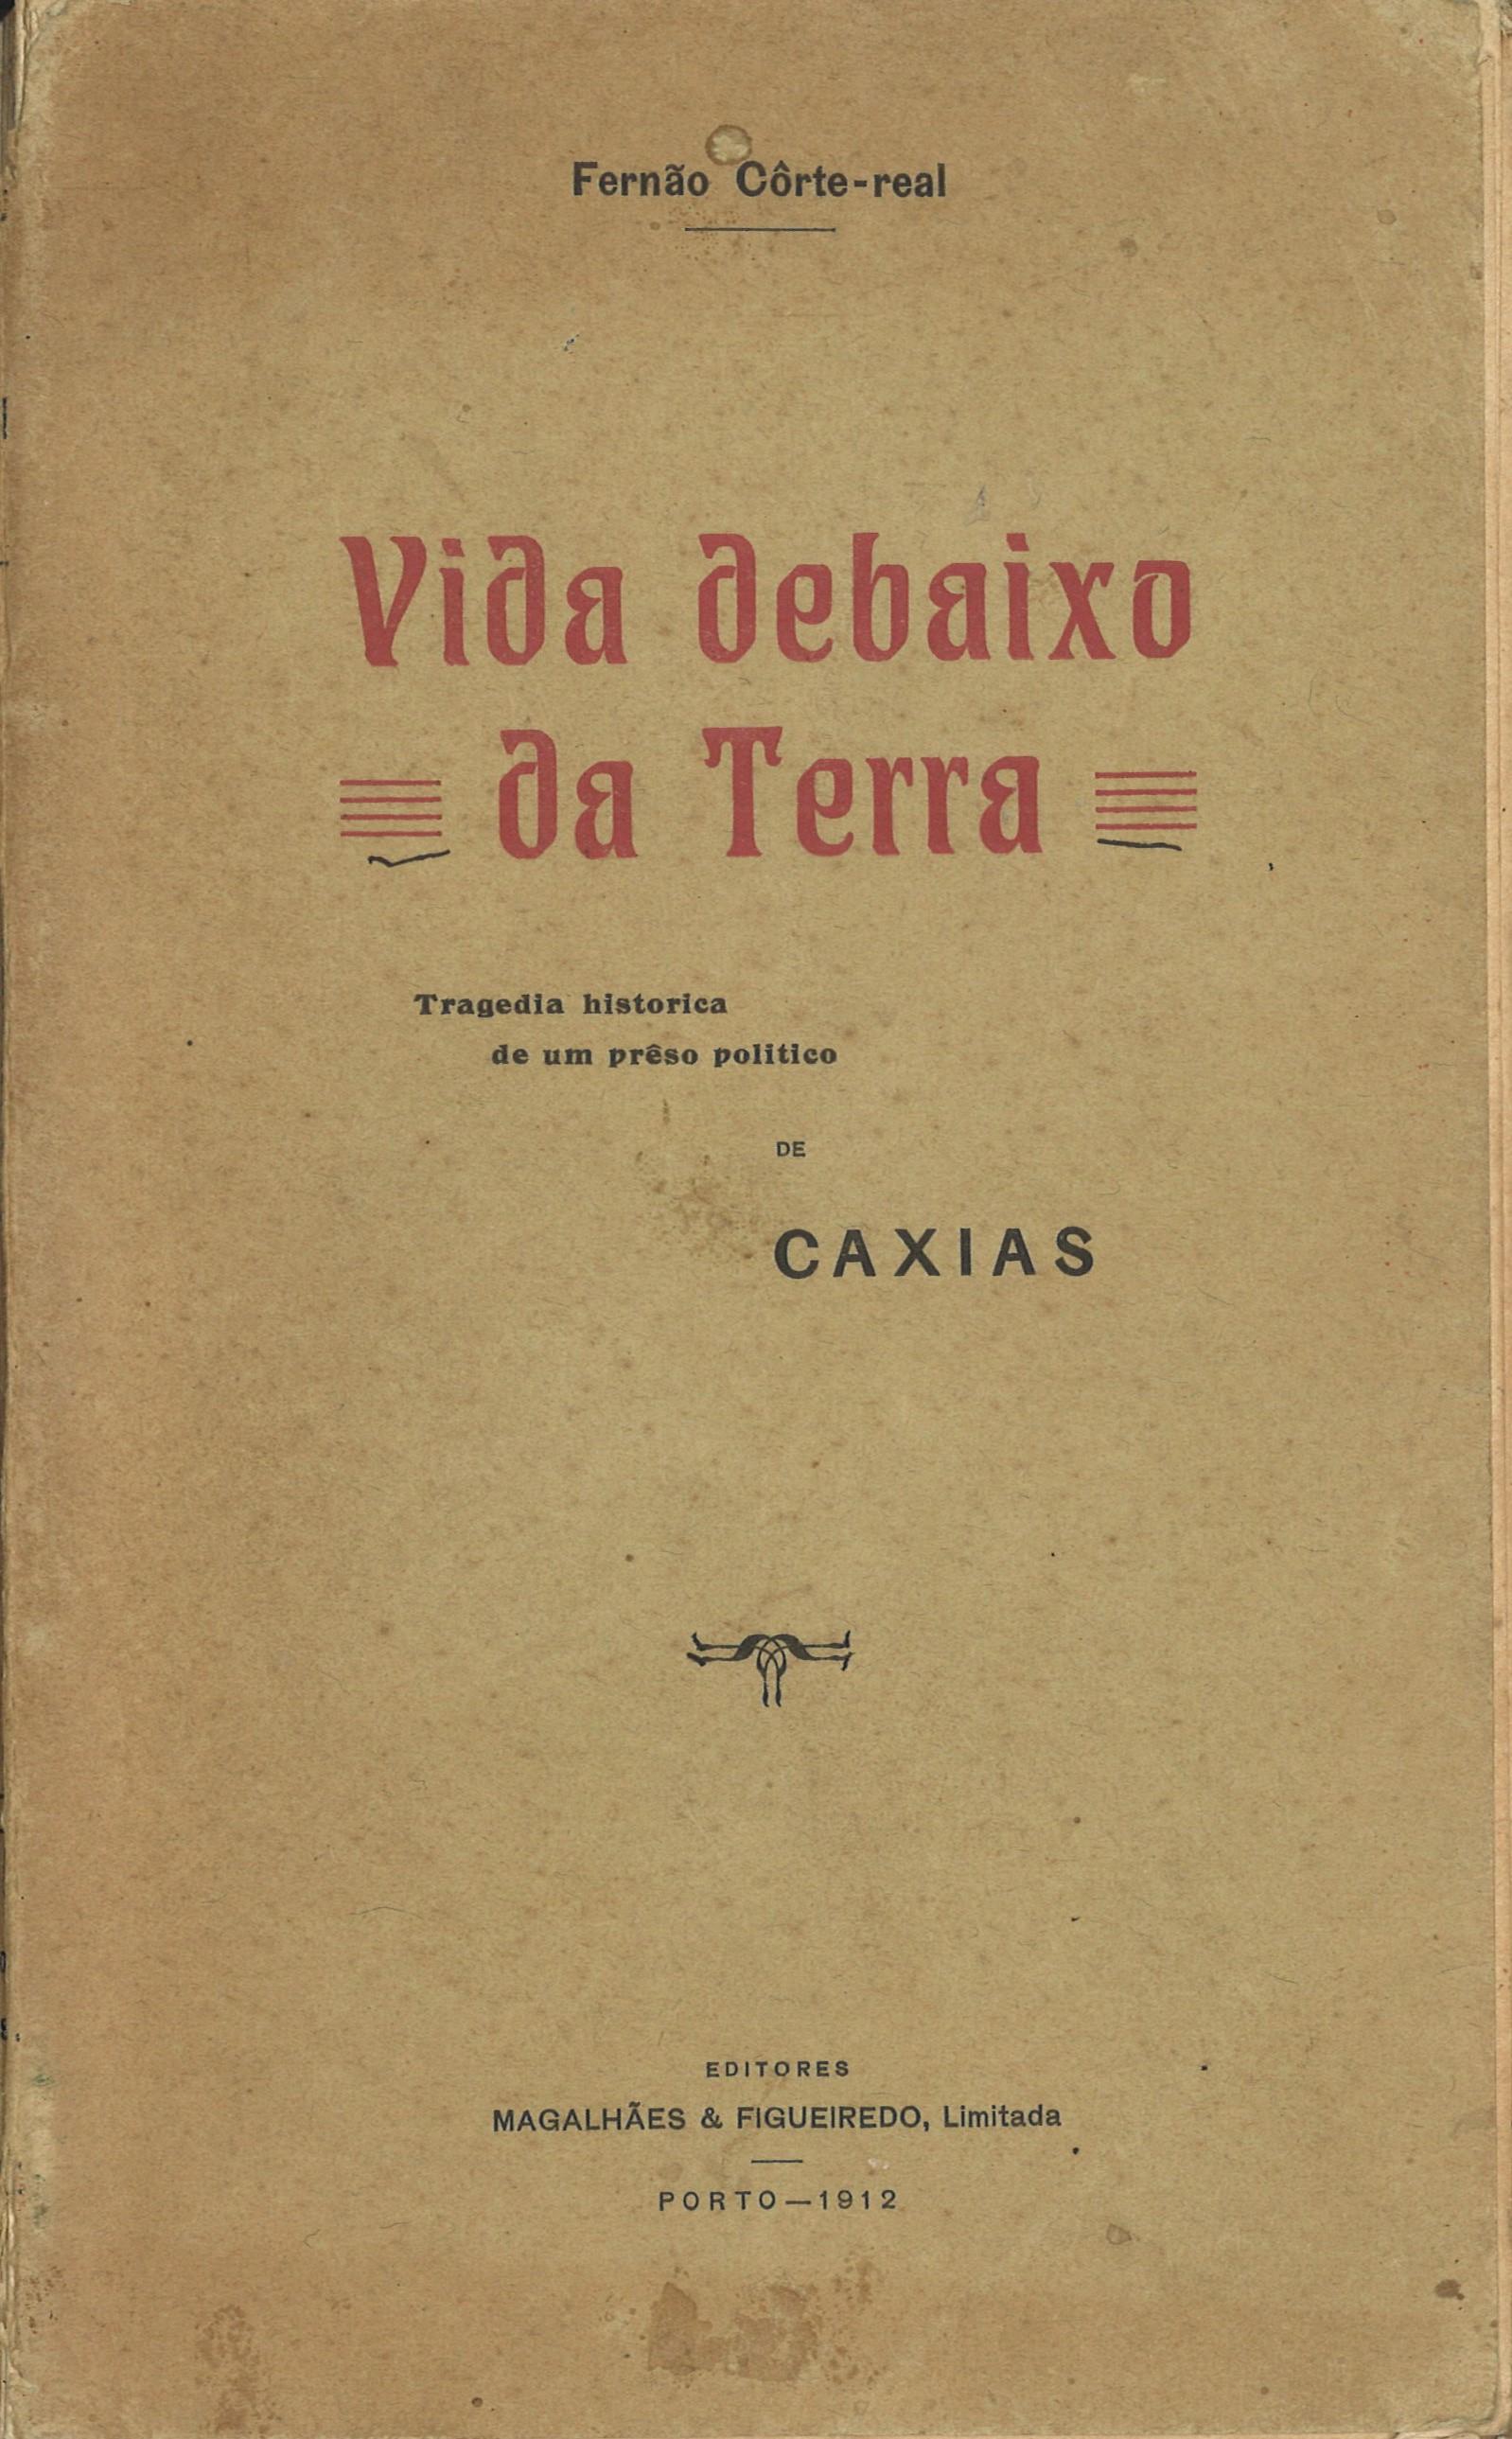 FERNÃO  CORTE-REAL